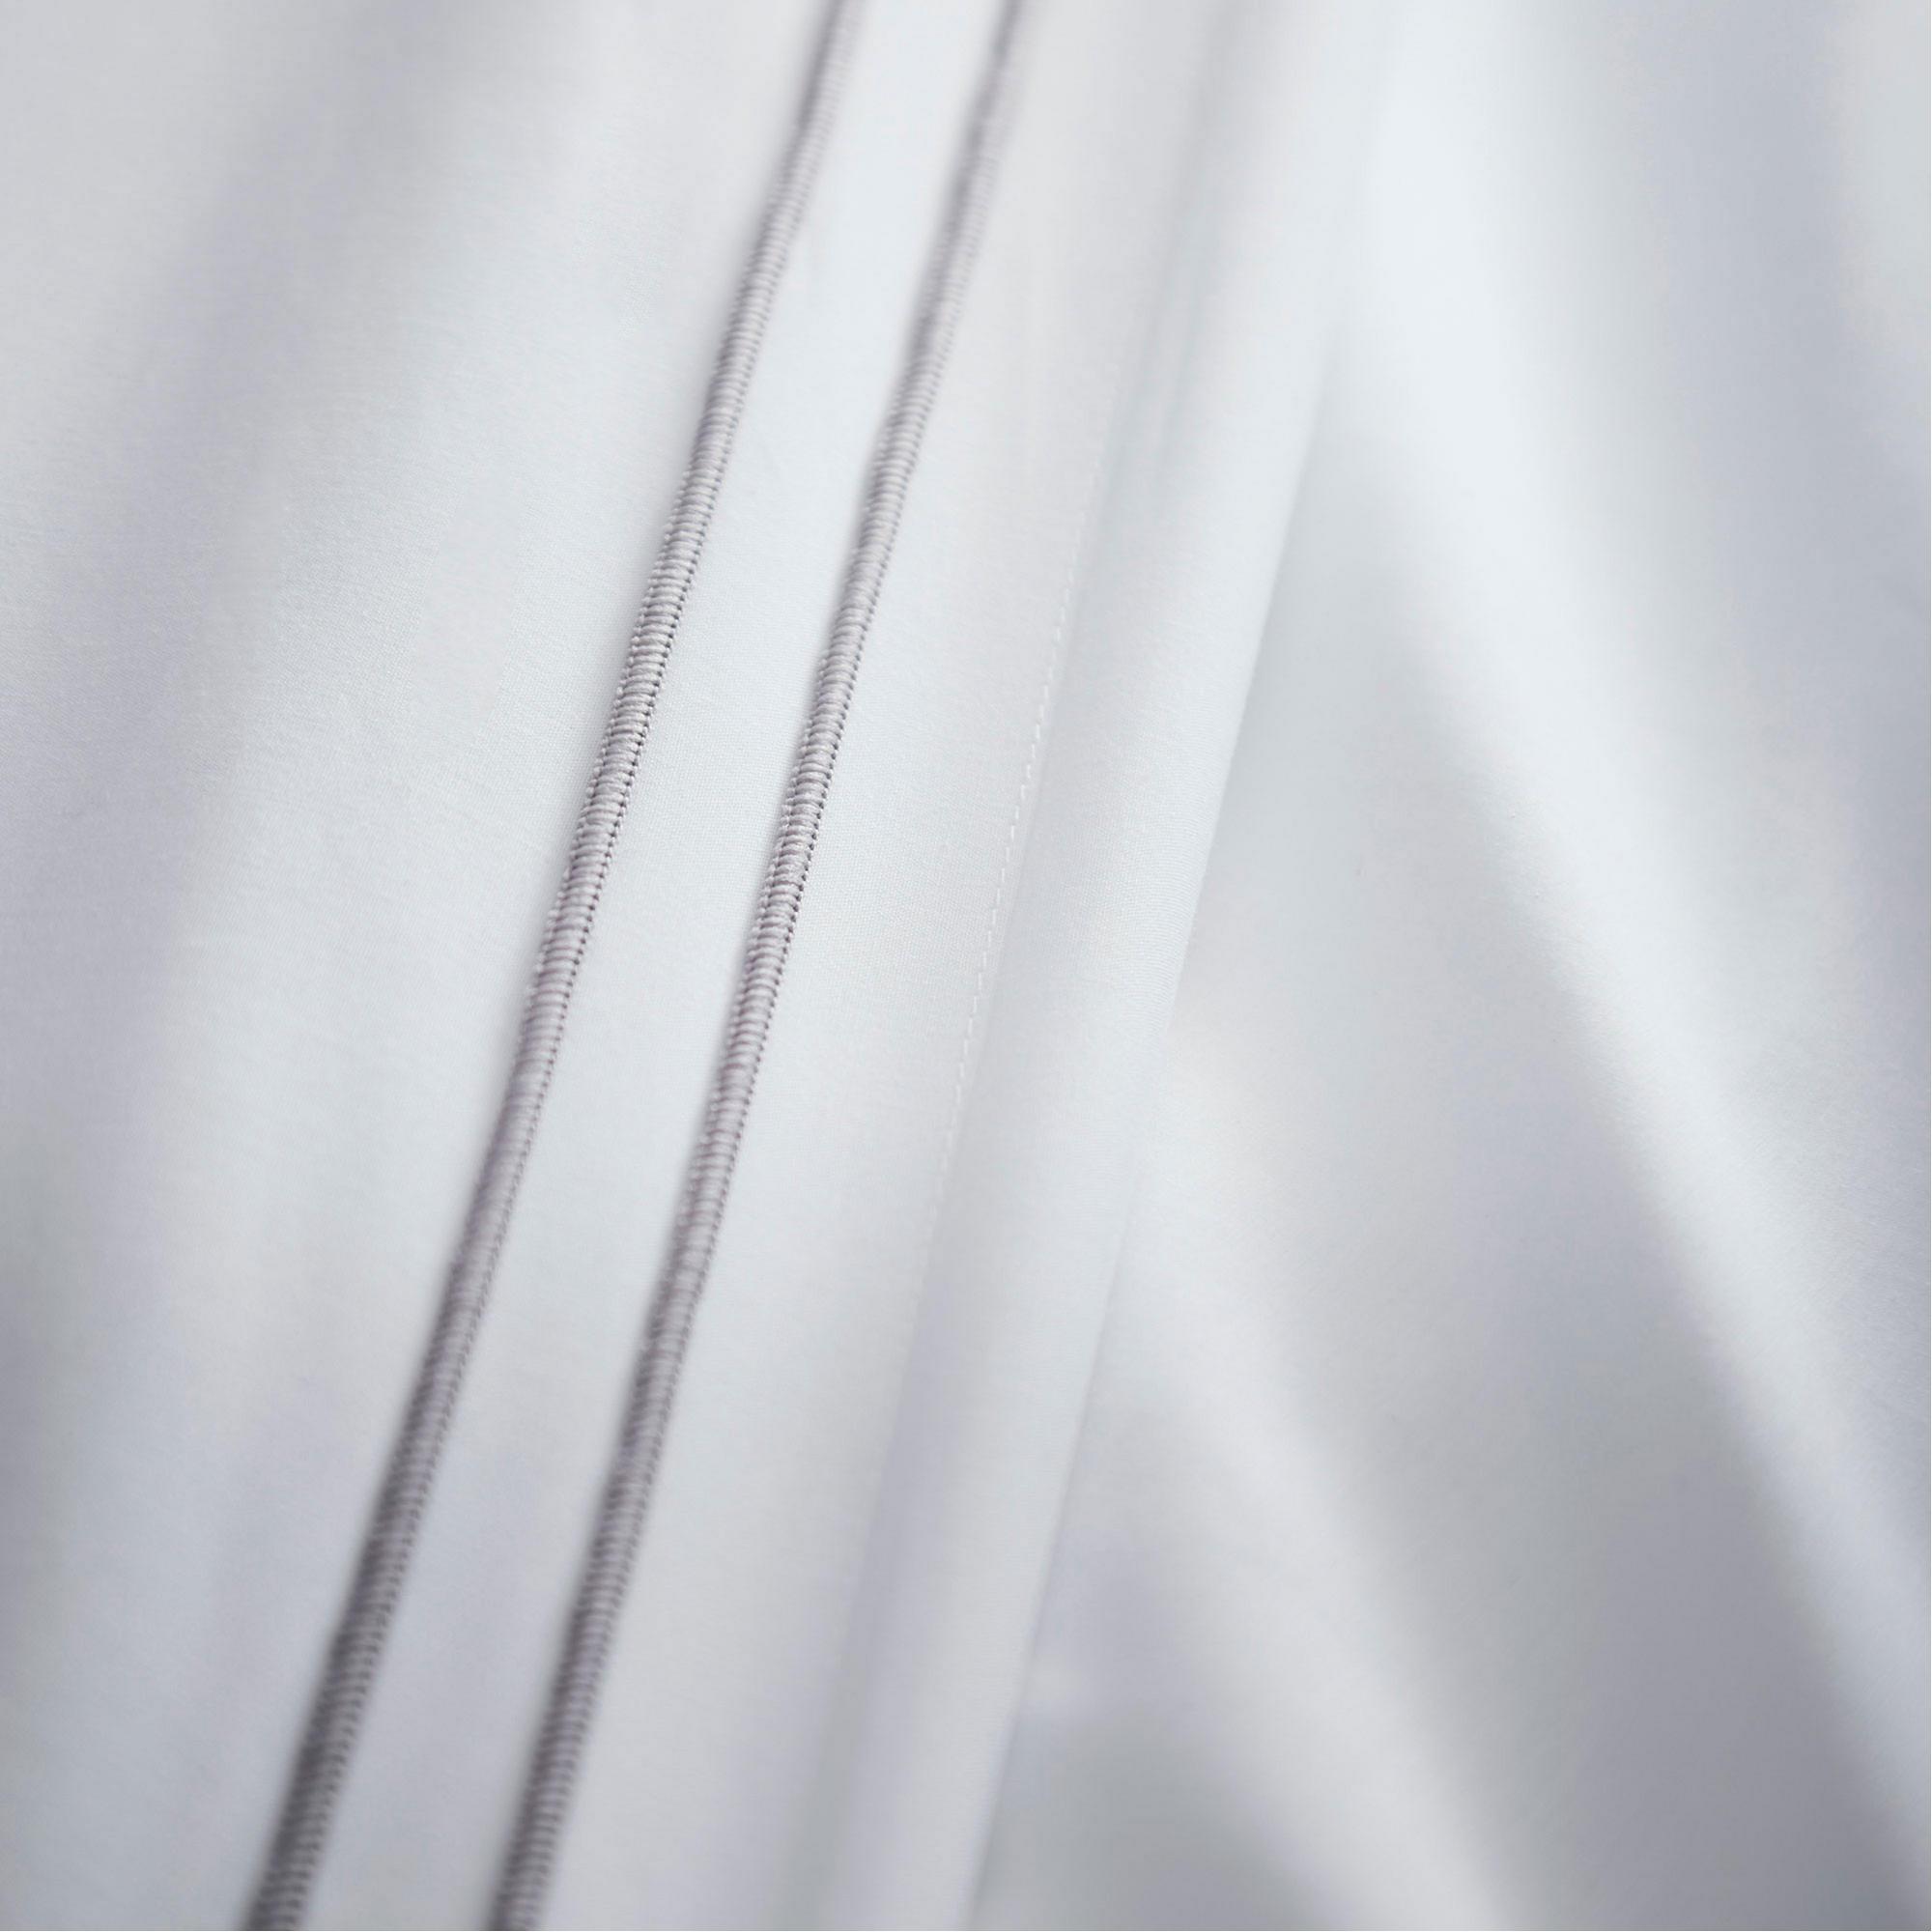 Alden Silver 100% Cotton Duvet Set